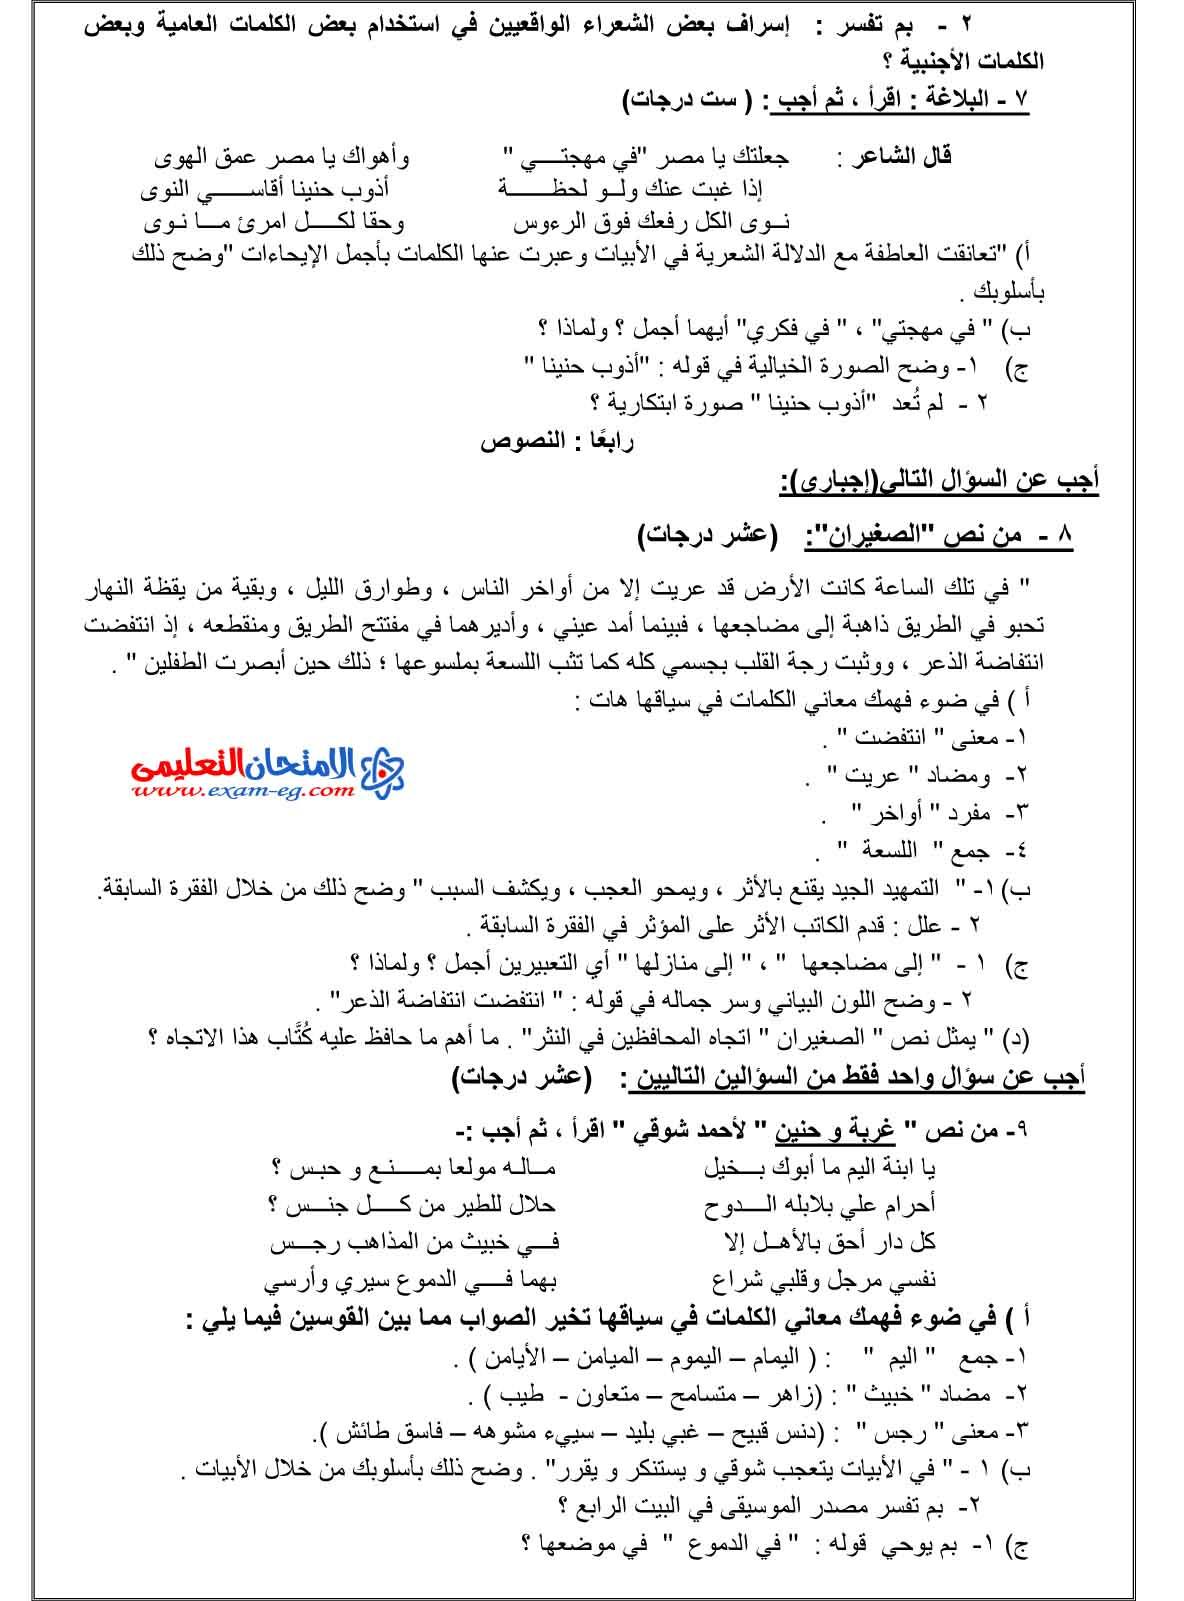 امتحان الوزارة فى اللغة العربية 2